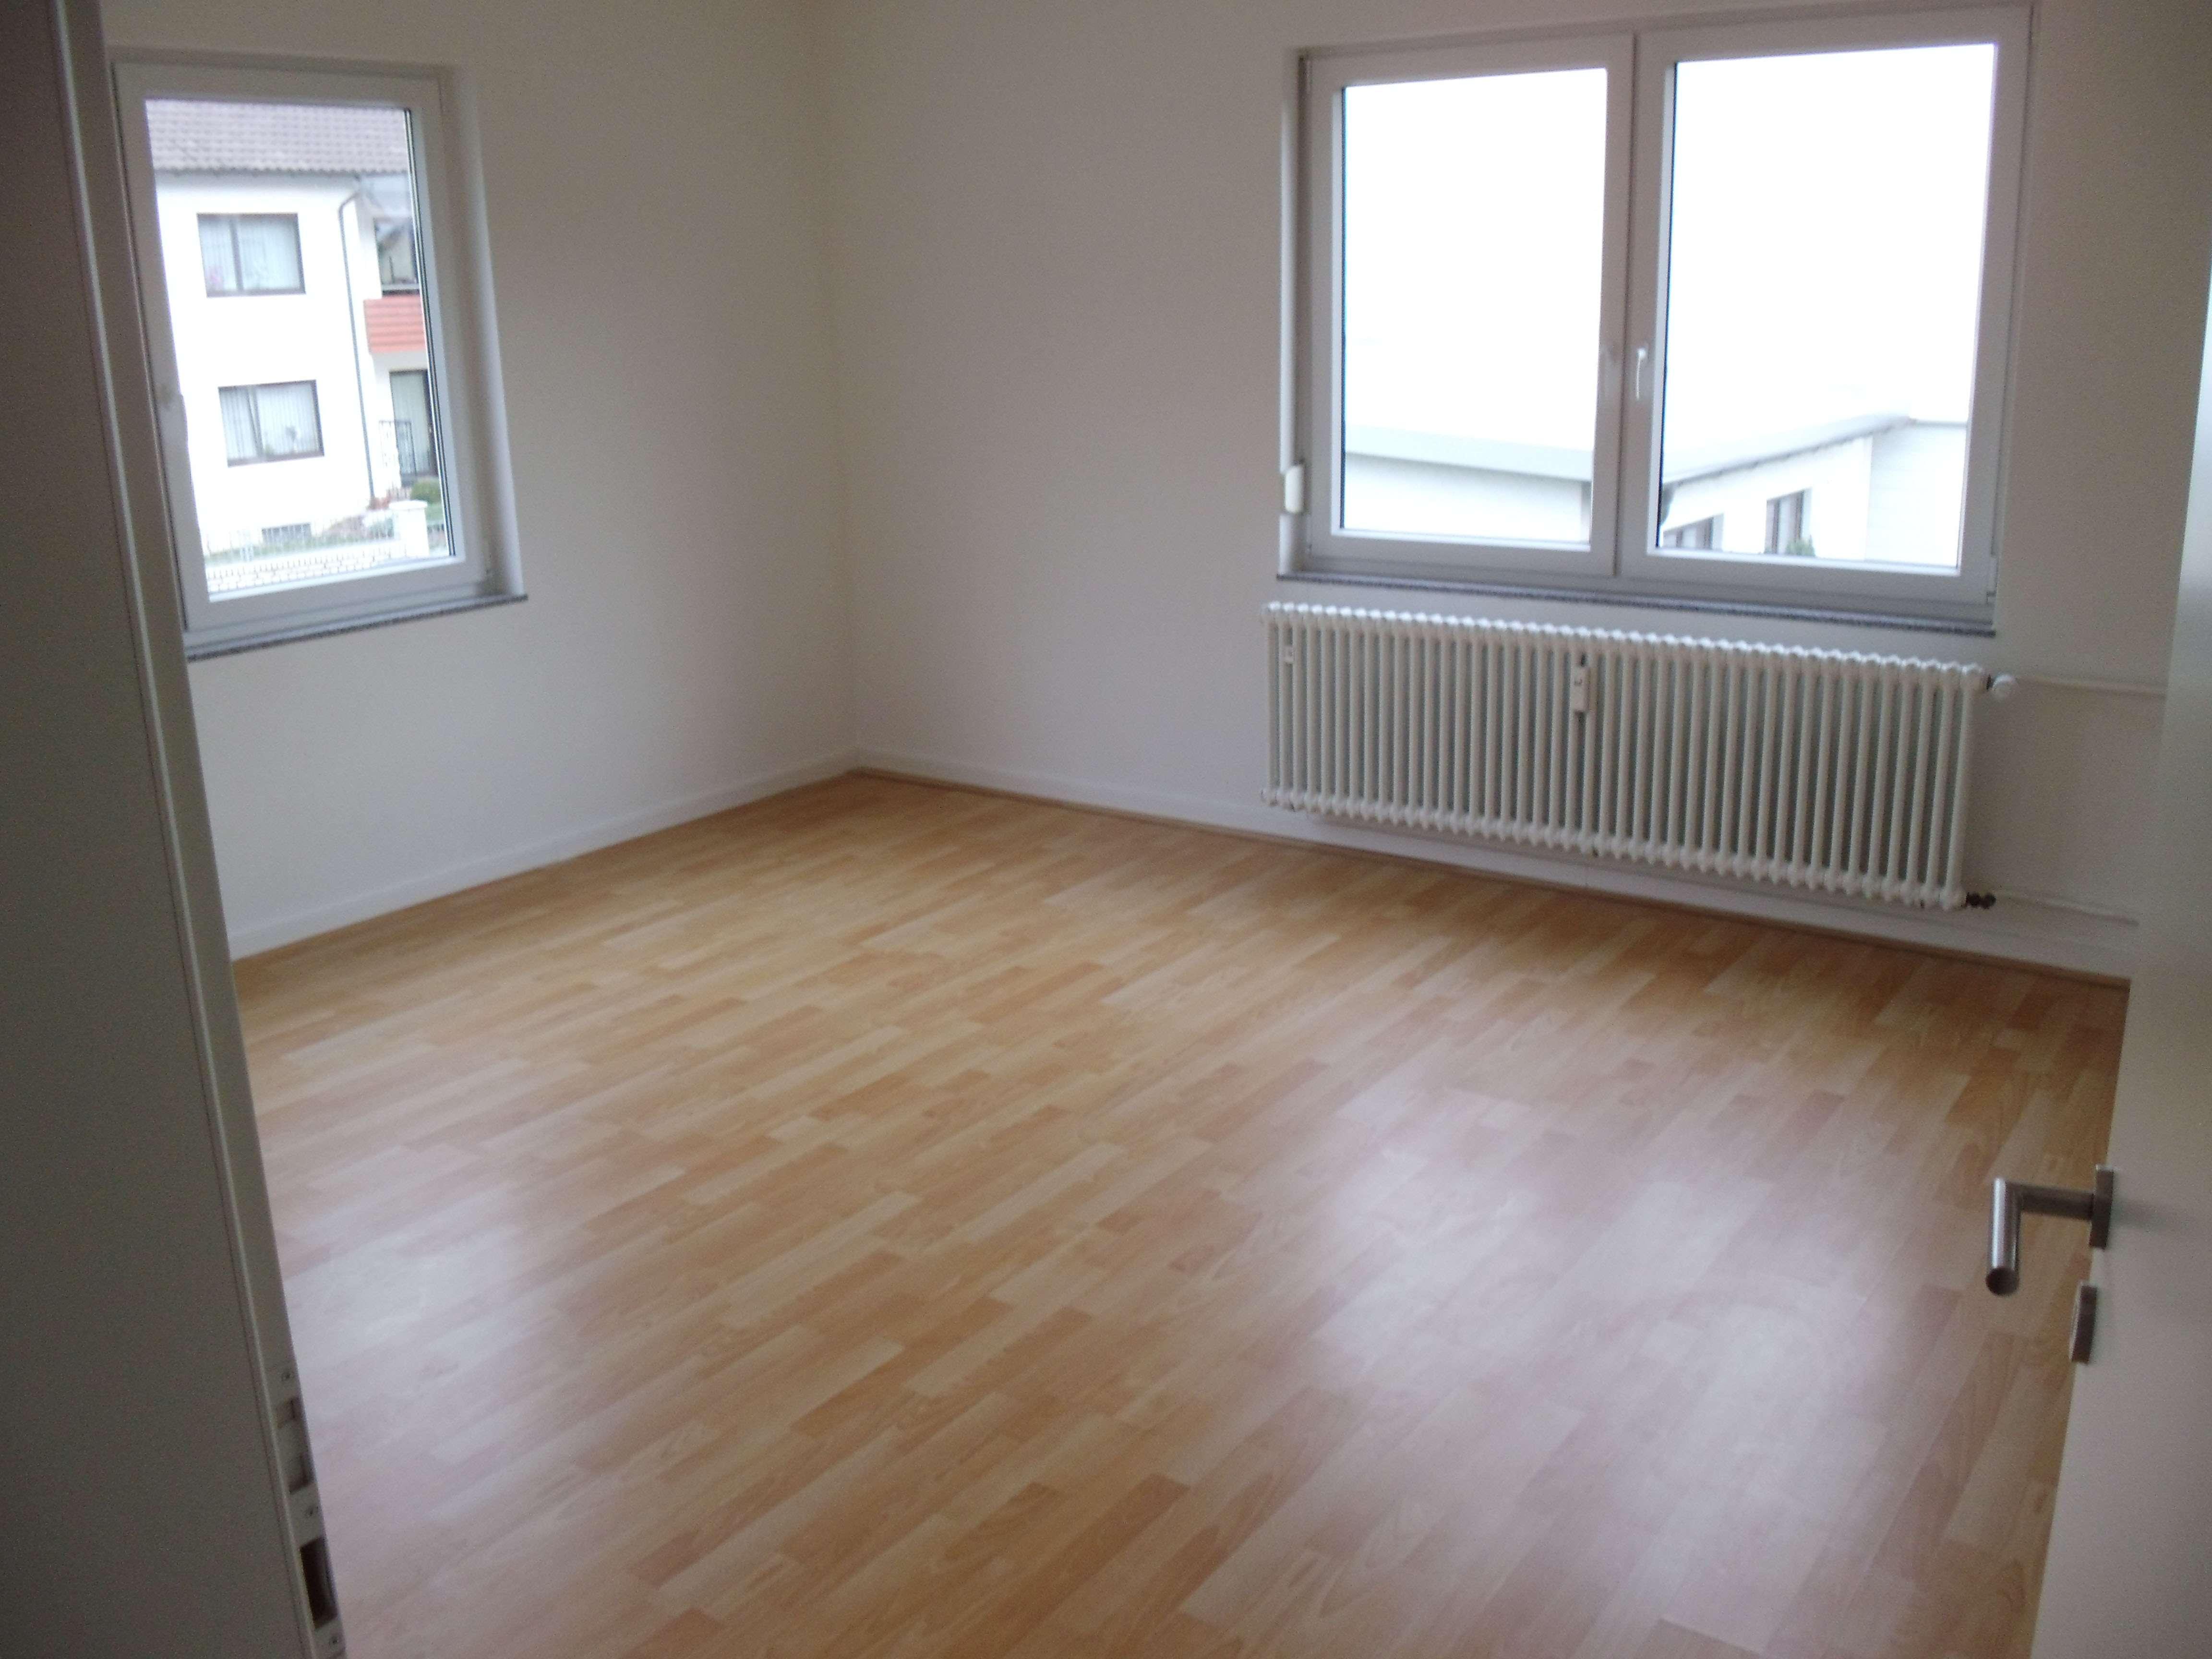 Schöne 4-Zimmer-Wohnung (1. OG) in Kleinheubach, Kreis Miltenberg in